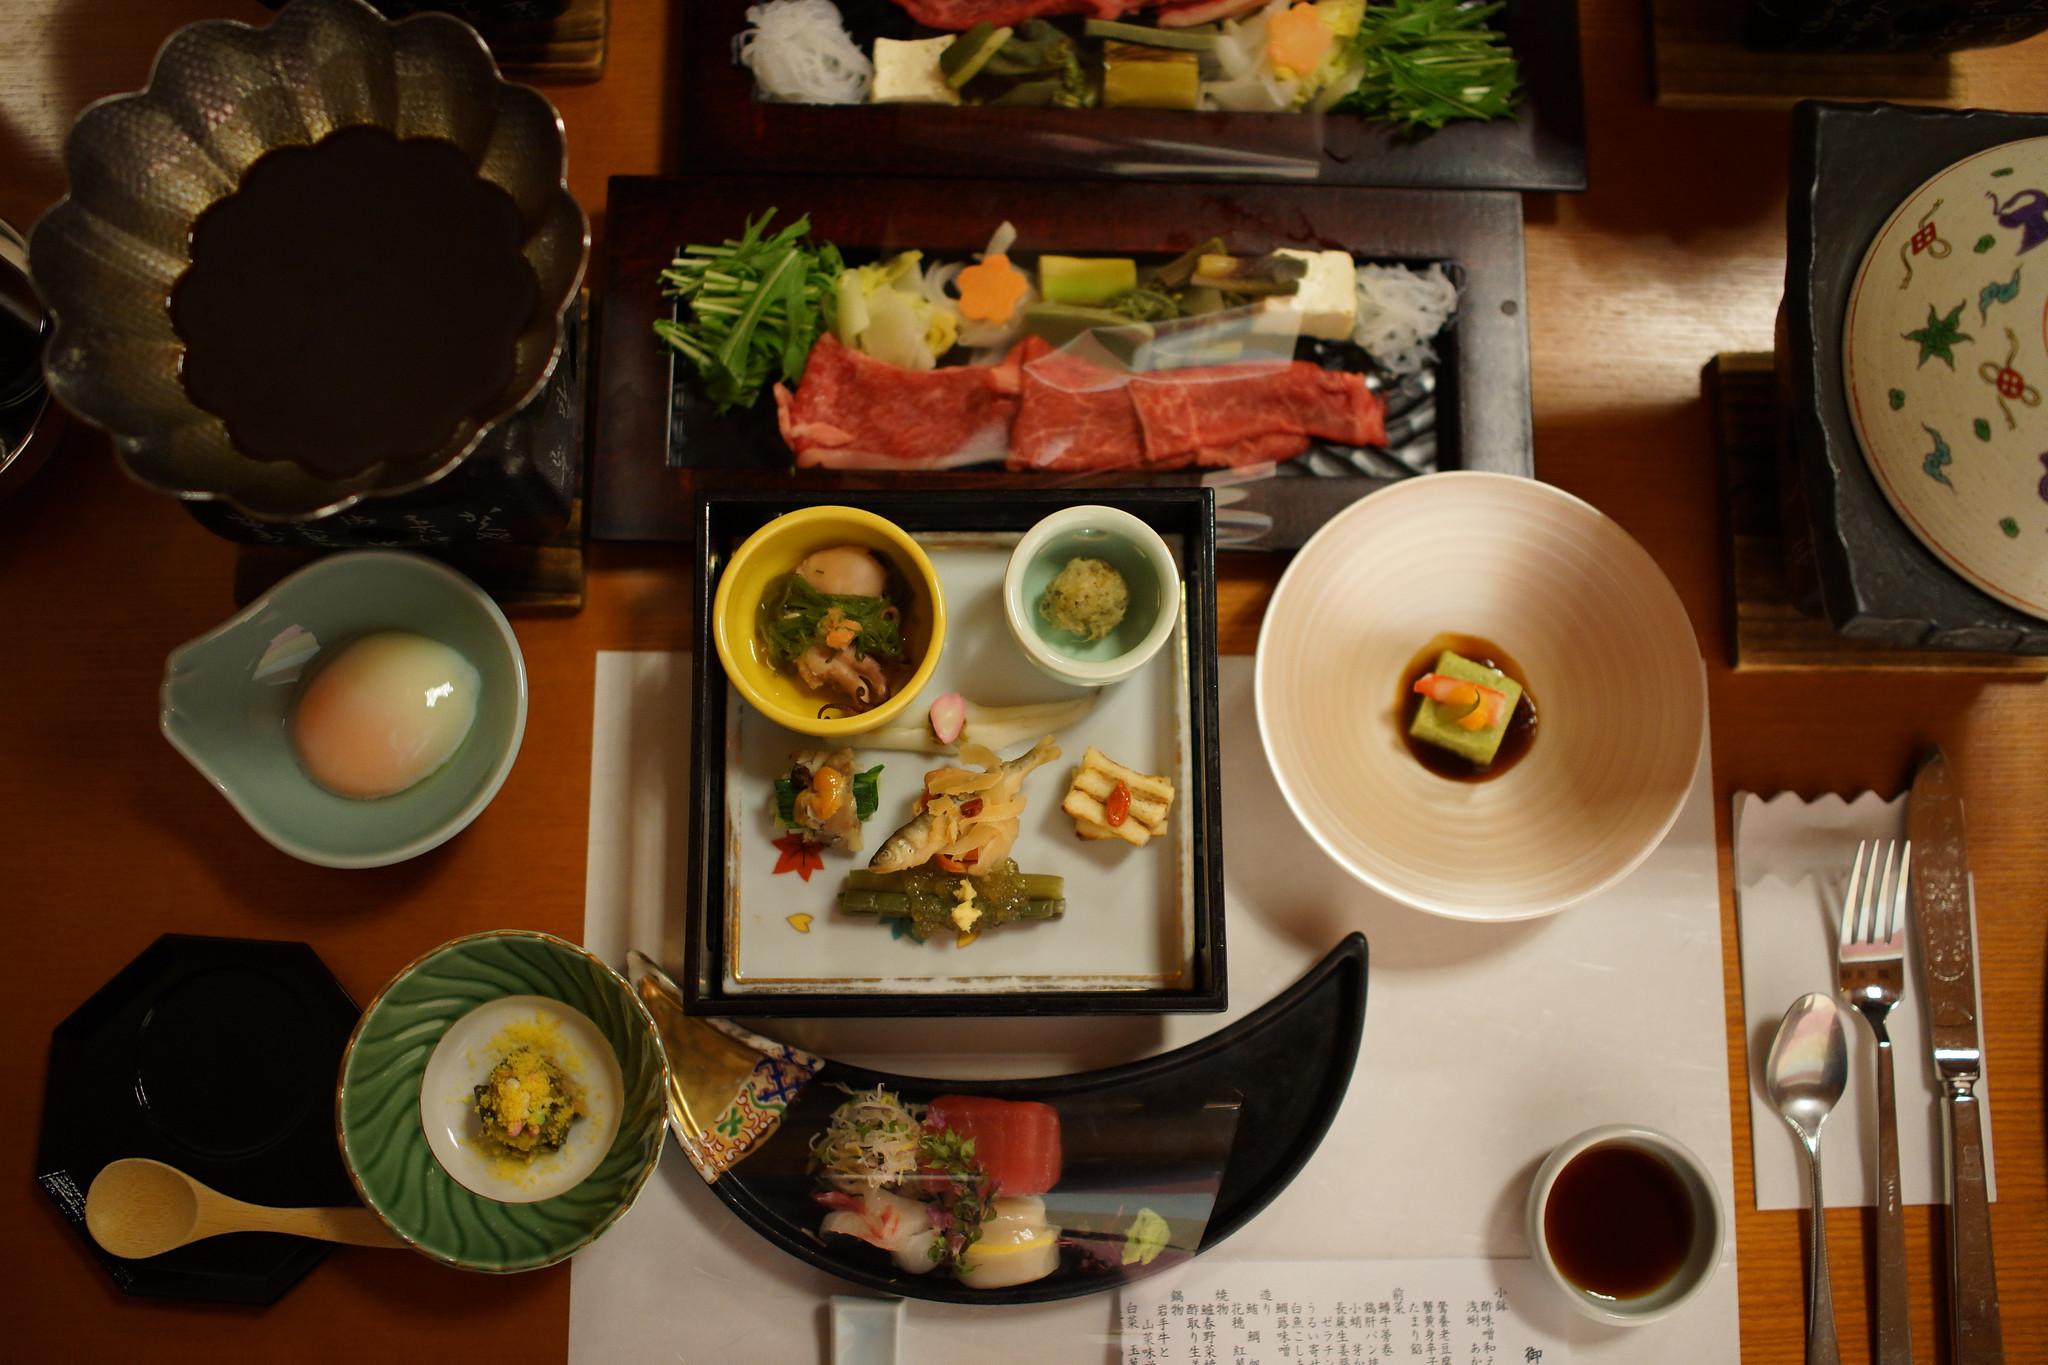 dinh dưỡng Washoku nhà hàng